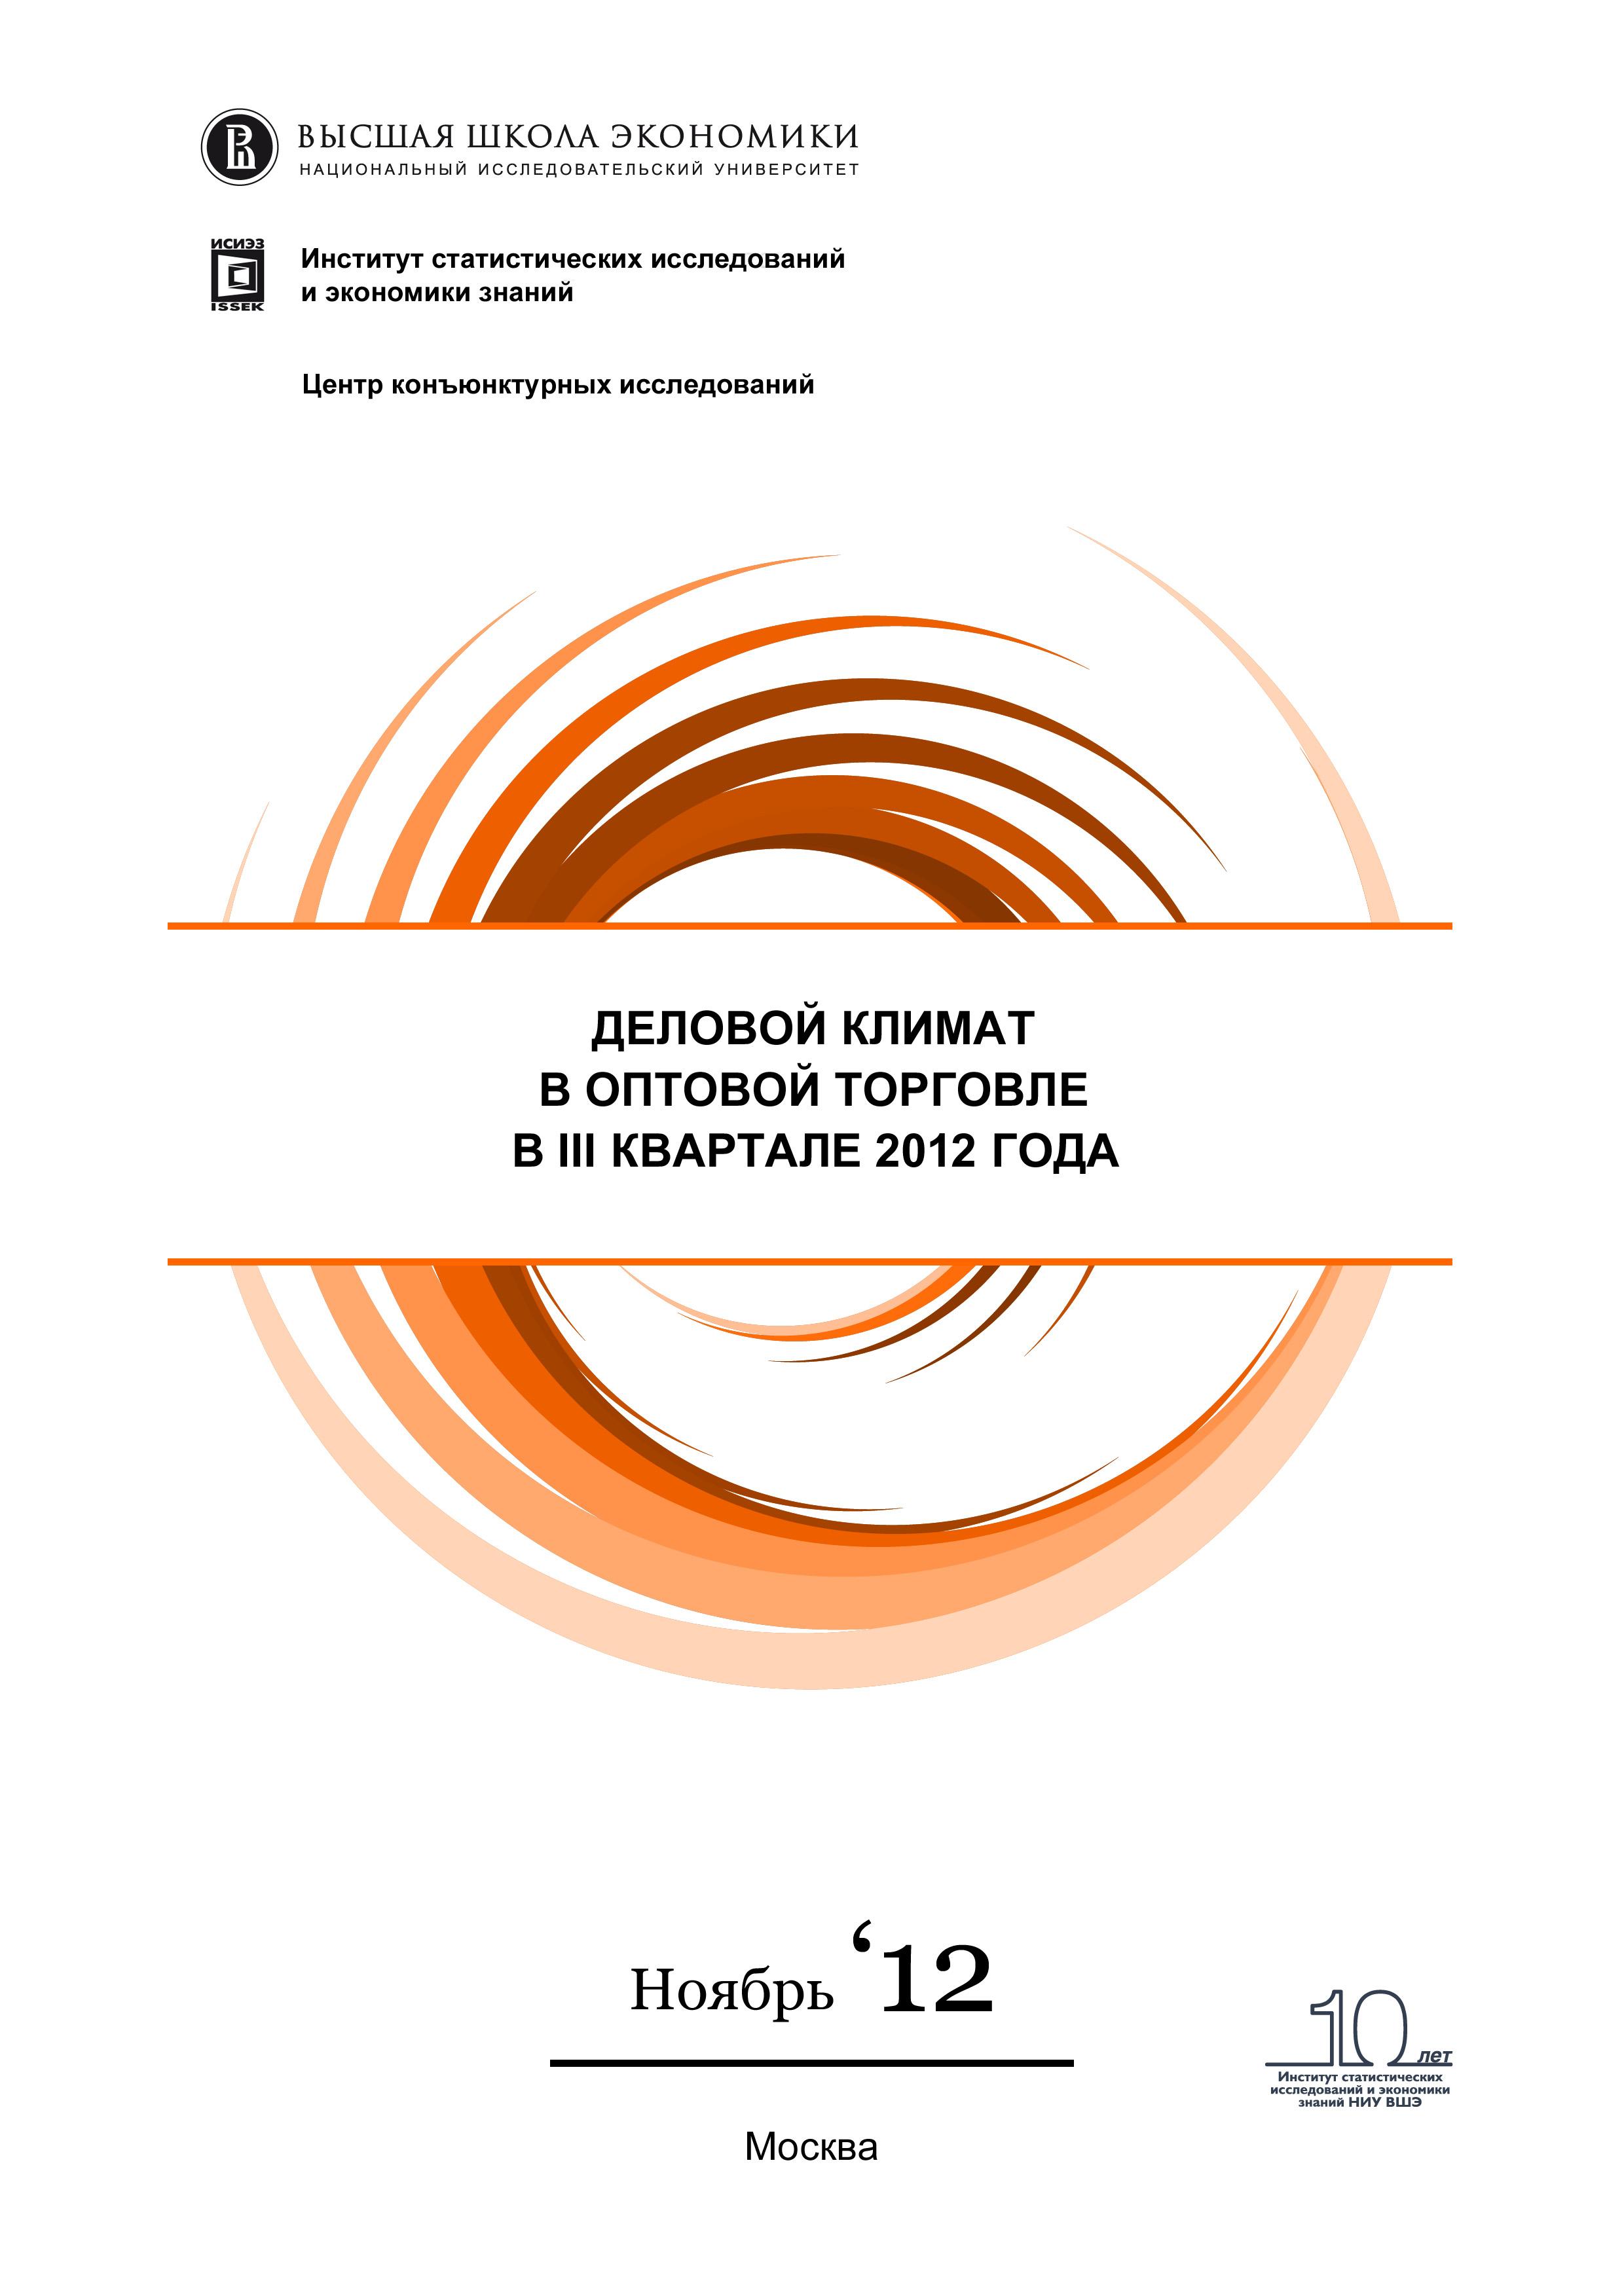 Деловой климат в оптовой торговле в III квартале 2012 года